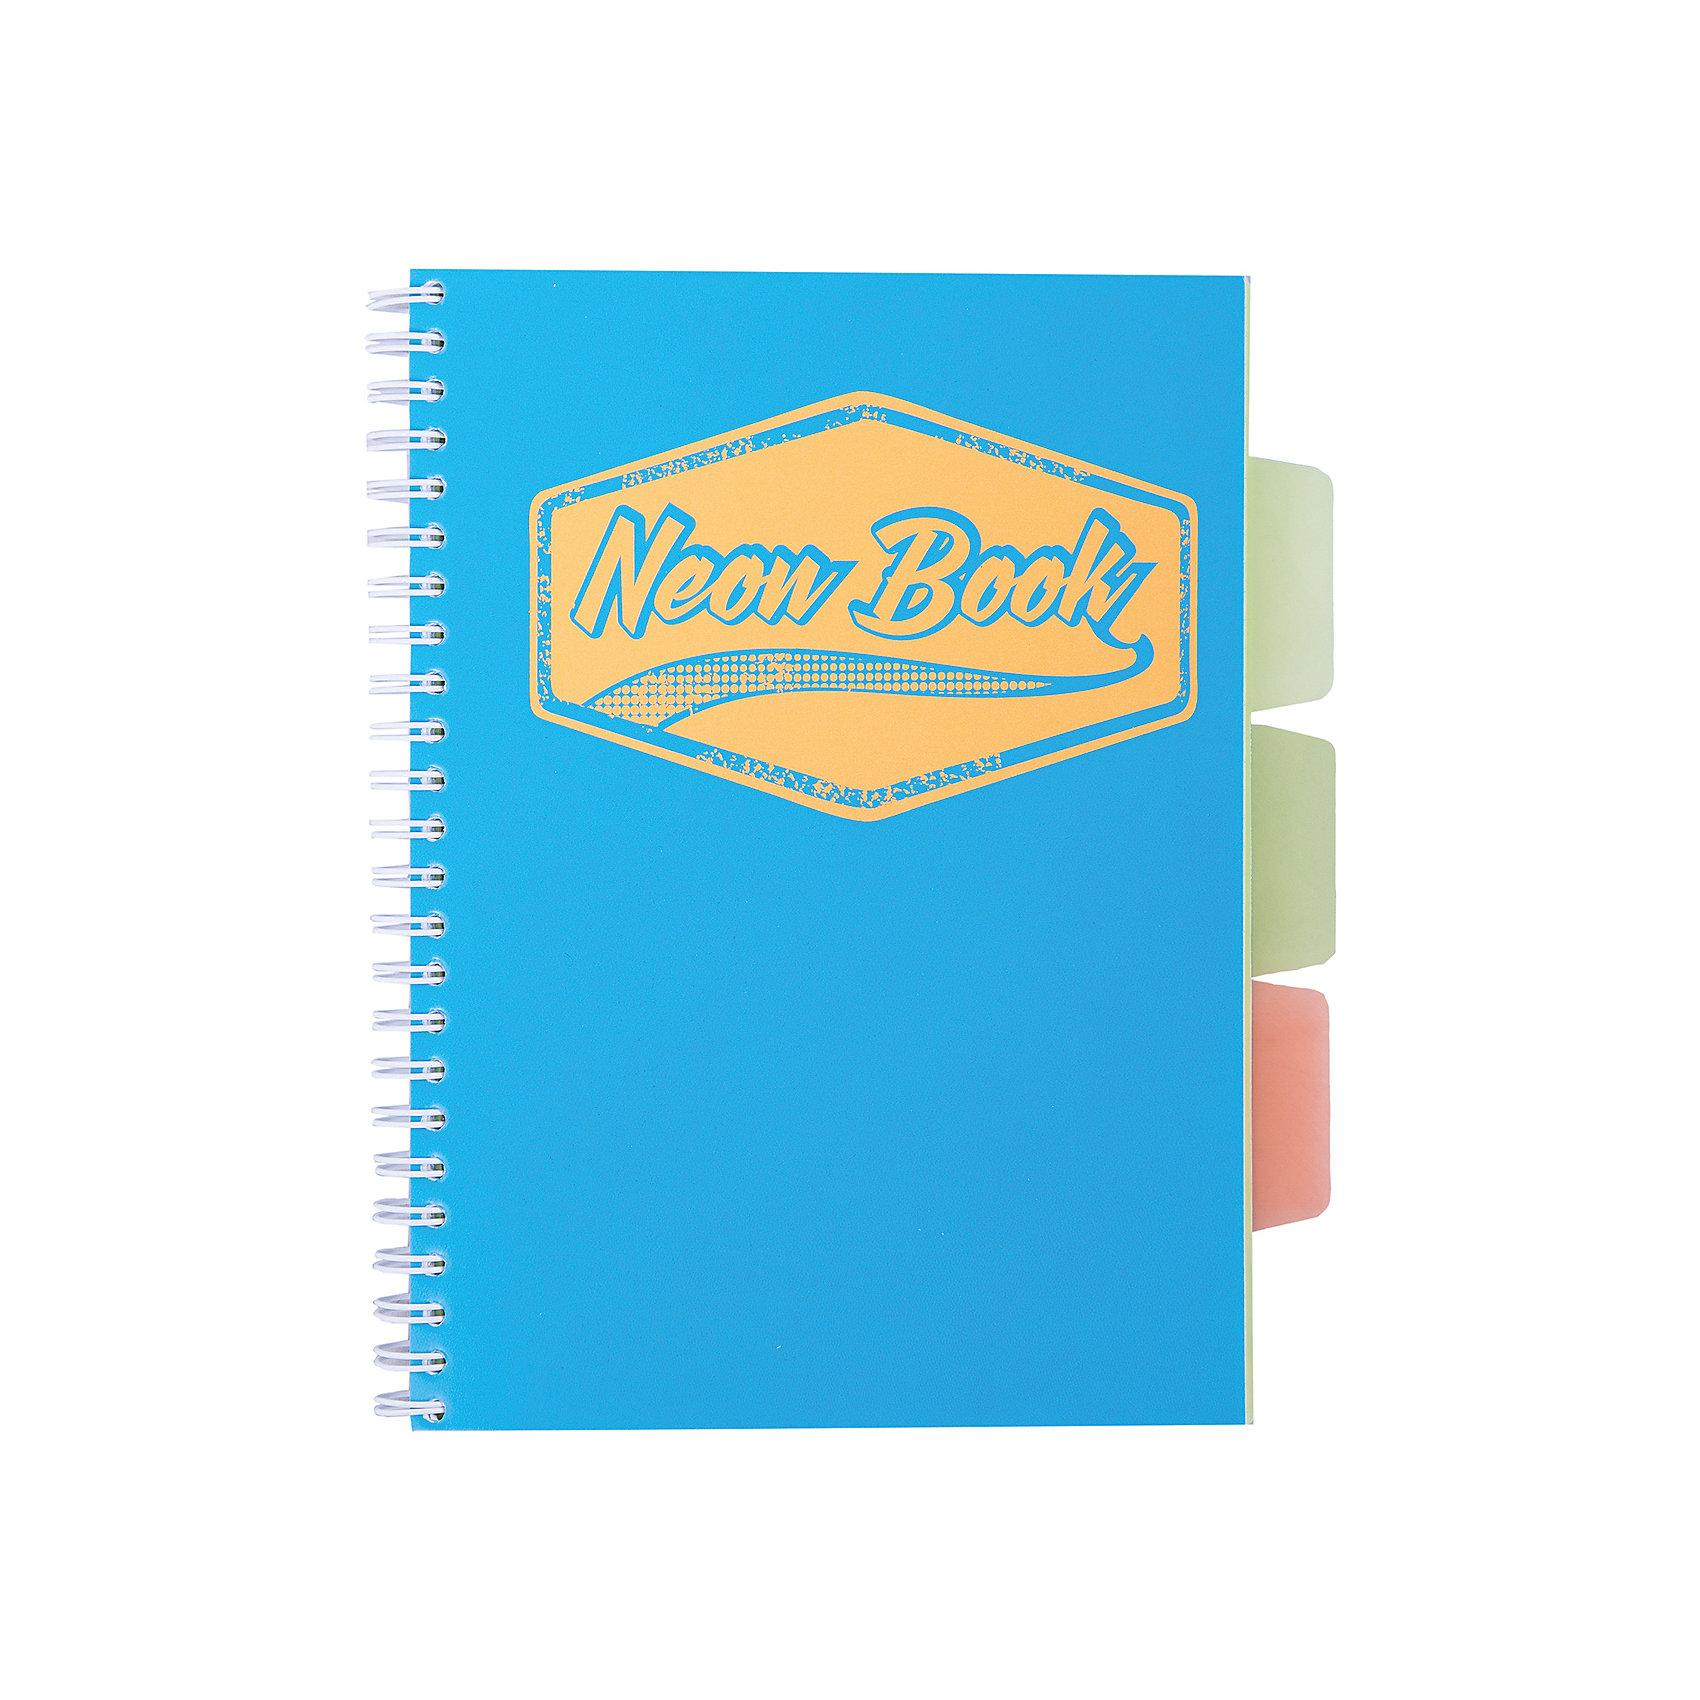 Синяя тетрадь А5 Neon book 120 листовБумажная продукция<br>Синяя тетрадь А5 Neon book 120 листов<br><br>Характеристики:<br><br>• Количество листов: 120<br>• Формат: А5<br>• Цвет: синий<br>• Вес: 287г<br>• Размер: 203х15х168мм<br>• Тип: в клеточку, три разделителя<br><br>Большая общая тетрадь с тремя цветными разделителями идеально подойдет для дополнительных занятий или школьных уроков, где необходимо несколько тетрадей. Пластиковая обложка надежно защищает листы от попадания влаги. Крепление на гребне очень удобное и делает тетрадь компактной.<br><br>Синюю тетрадь А5 Neon book 120 листов можно купить в нашем интернет-магазине.<br><br>Ширина мм: 203<br>Глубина мм: 15<br>Высота мм: 168<br>Вес г: 287<br>Возраст от месяцев: 84<br>Возраст до месяцев: 360<br>Пол: Унисекс<br>Возраст: Детский<br>SKU: 5390350